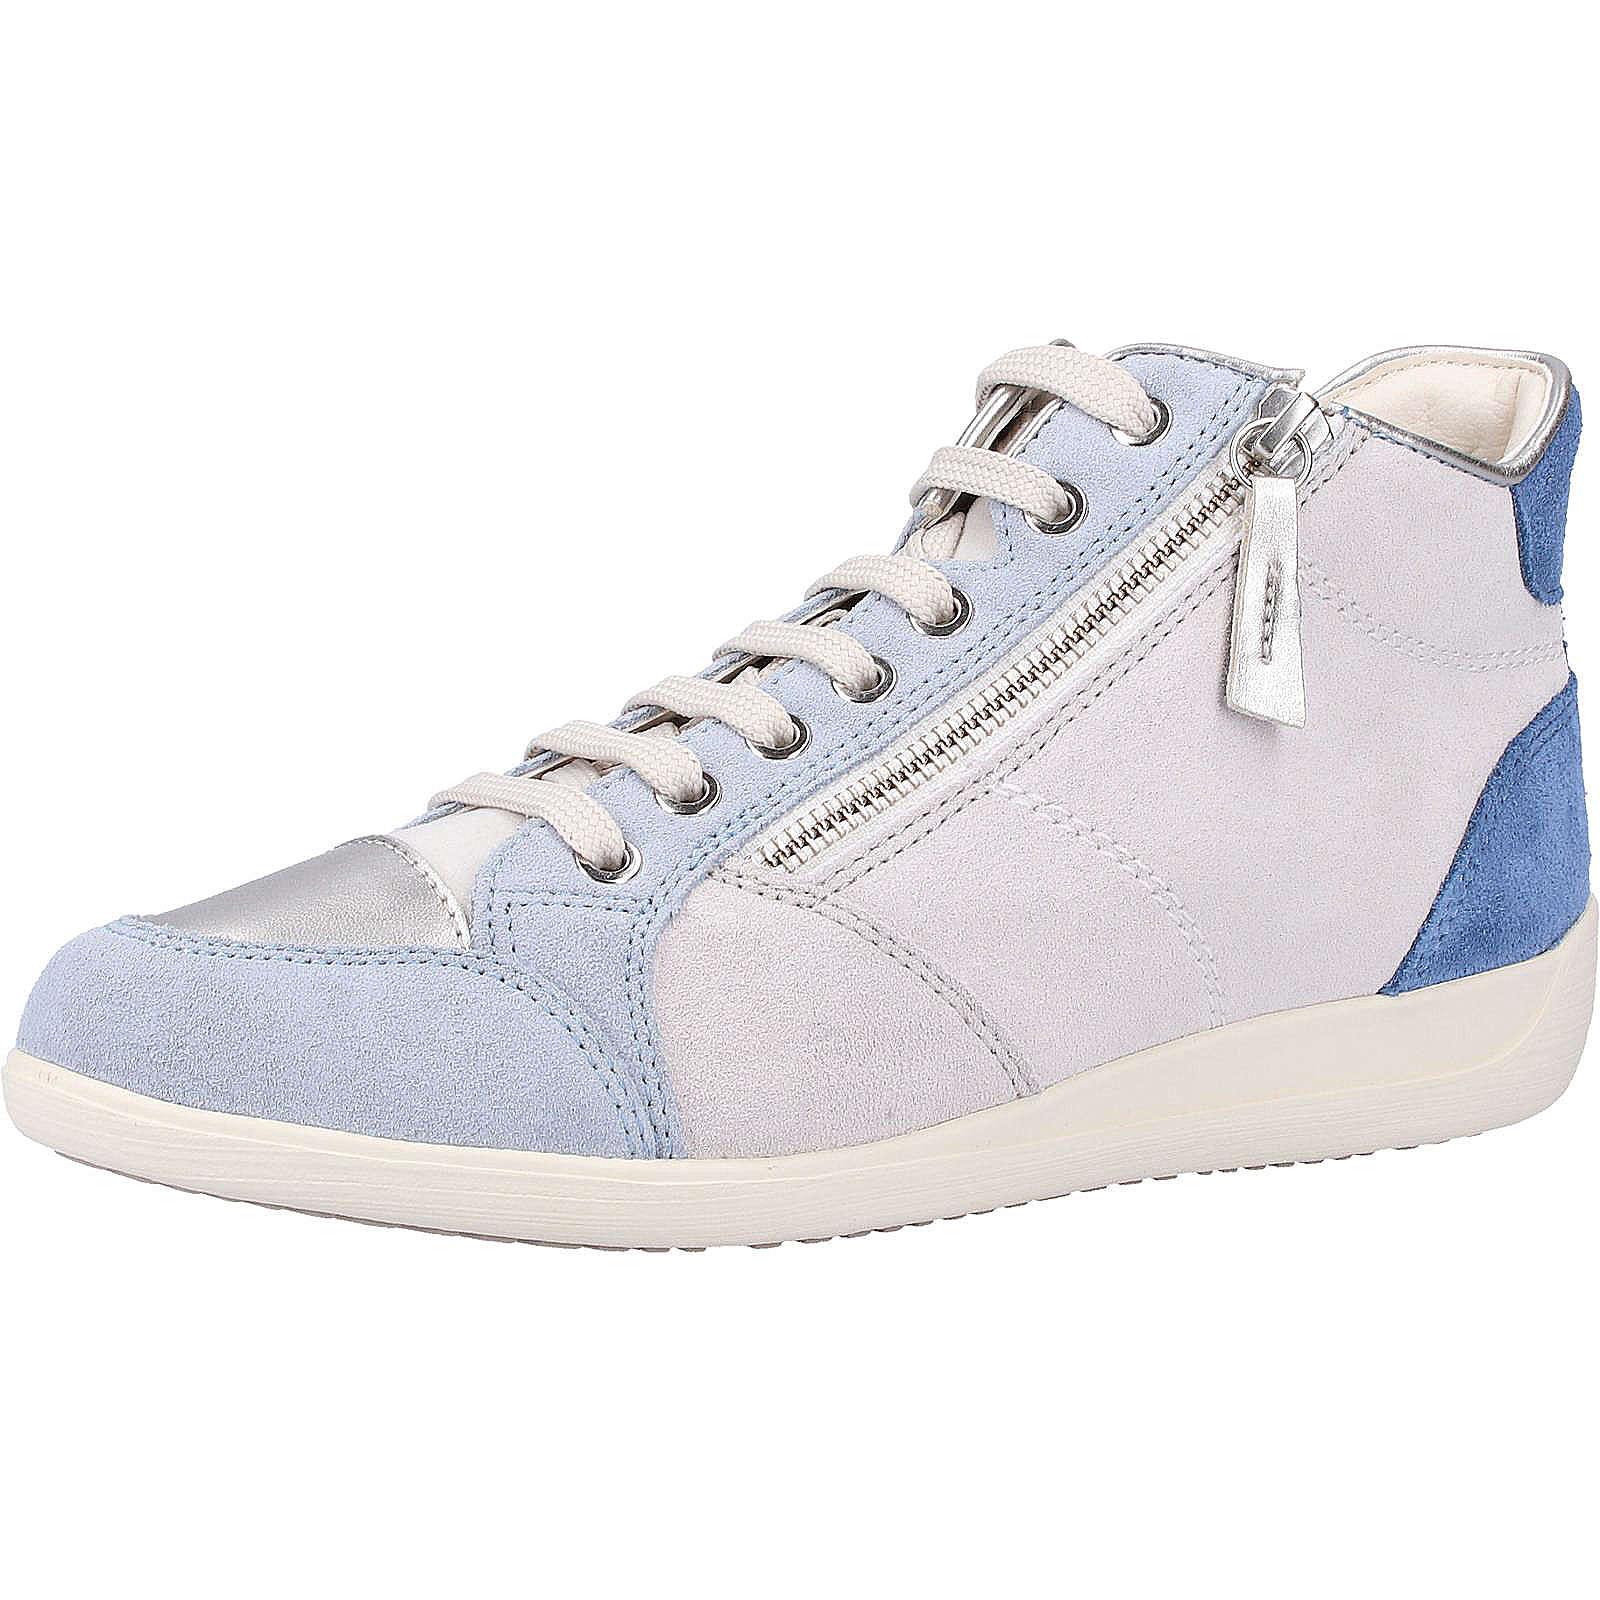 GEOX Sneaker Sneakers Low weiß-kombi Damen Gr. 36